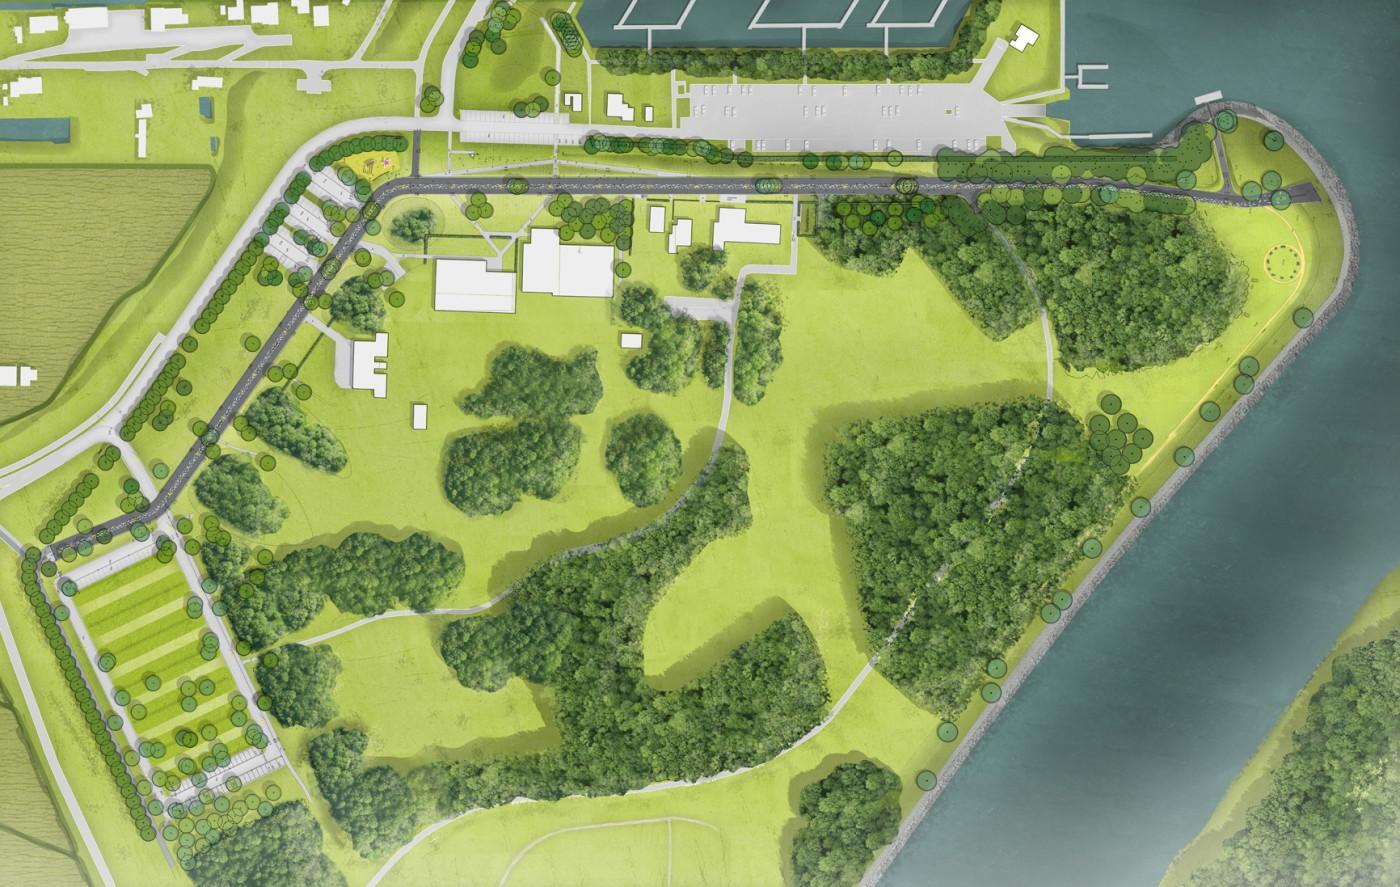 buro-sant-en-co-landschapsarchitectuur-johannapolder-albrandswaard-ontwerp